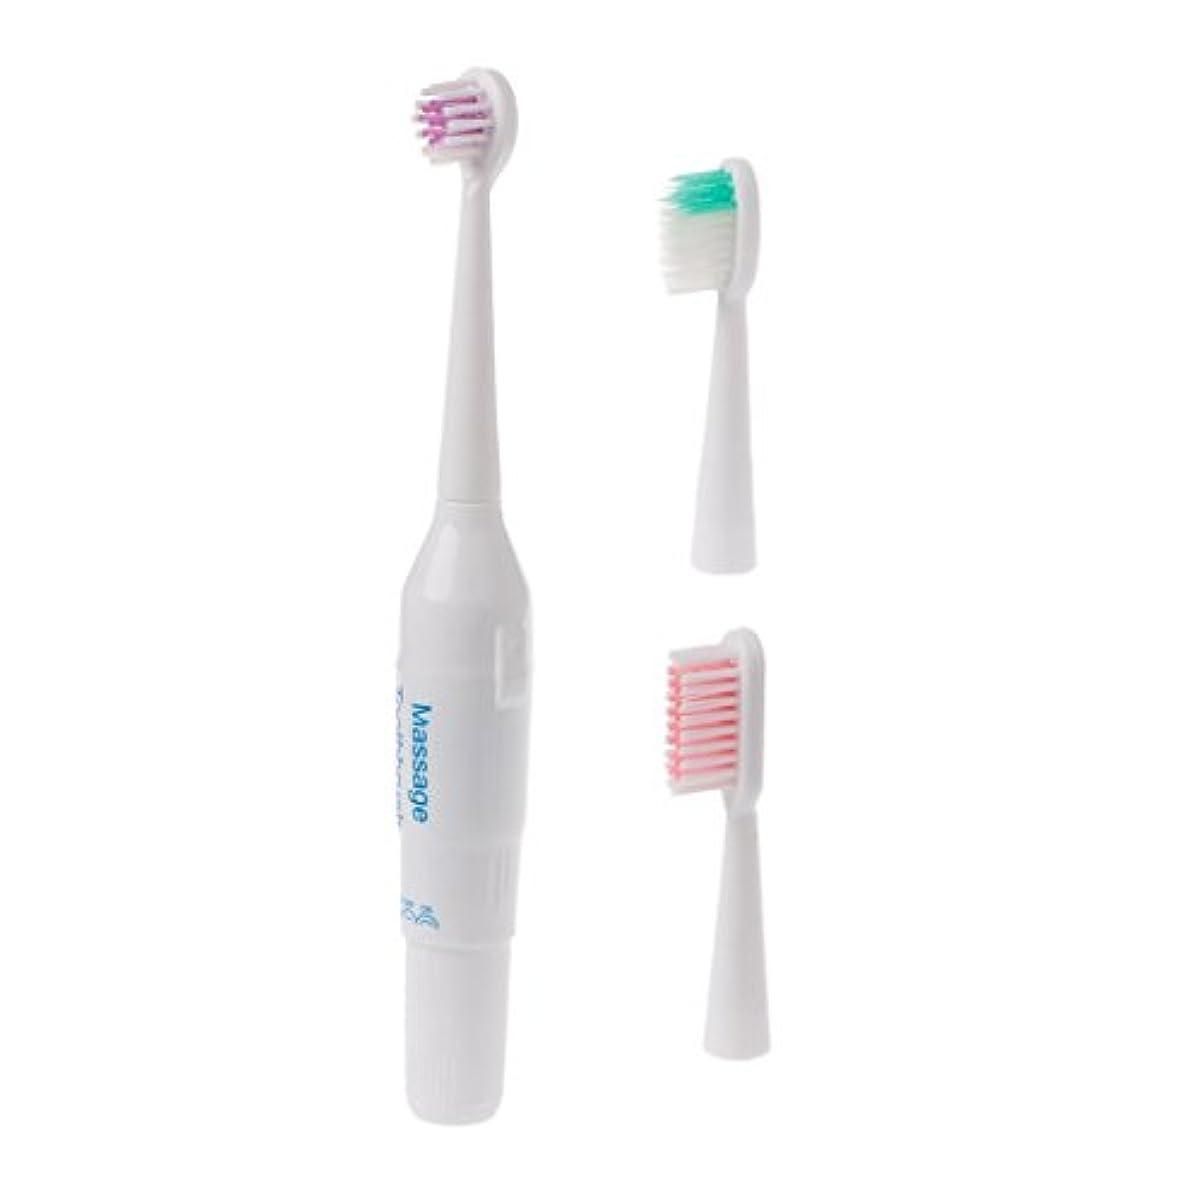 短命純粋なビスケットManyao キッズプロフェッショナル口腔ケアクリーン電気歯ブラシパワーベビー用歯ブラシ